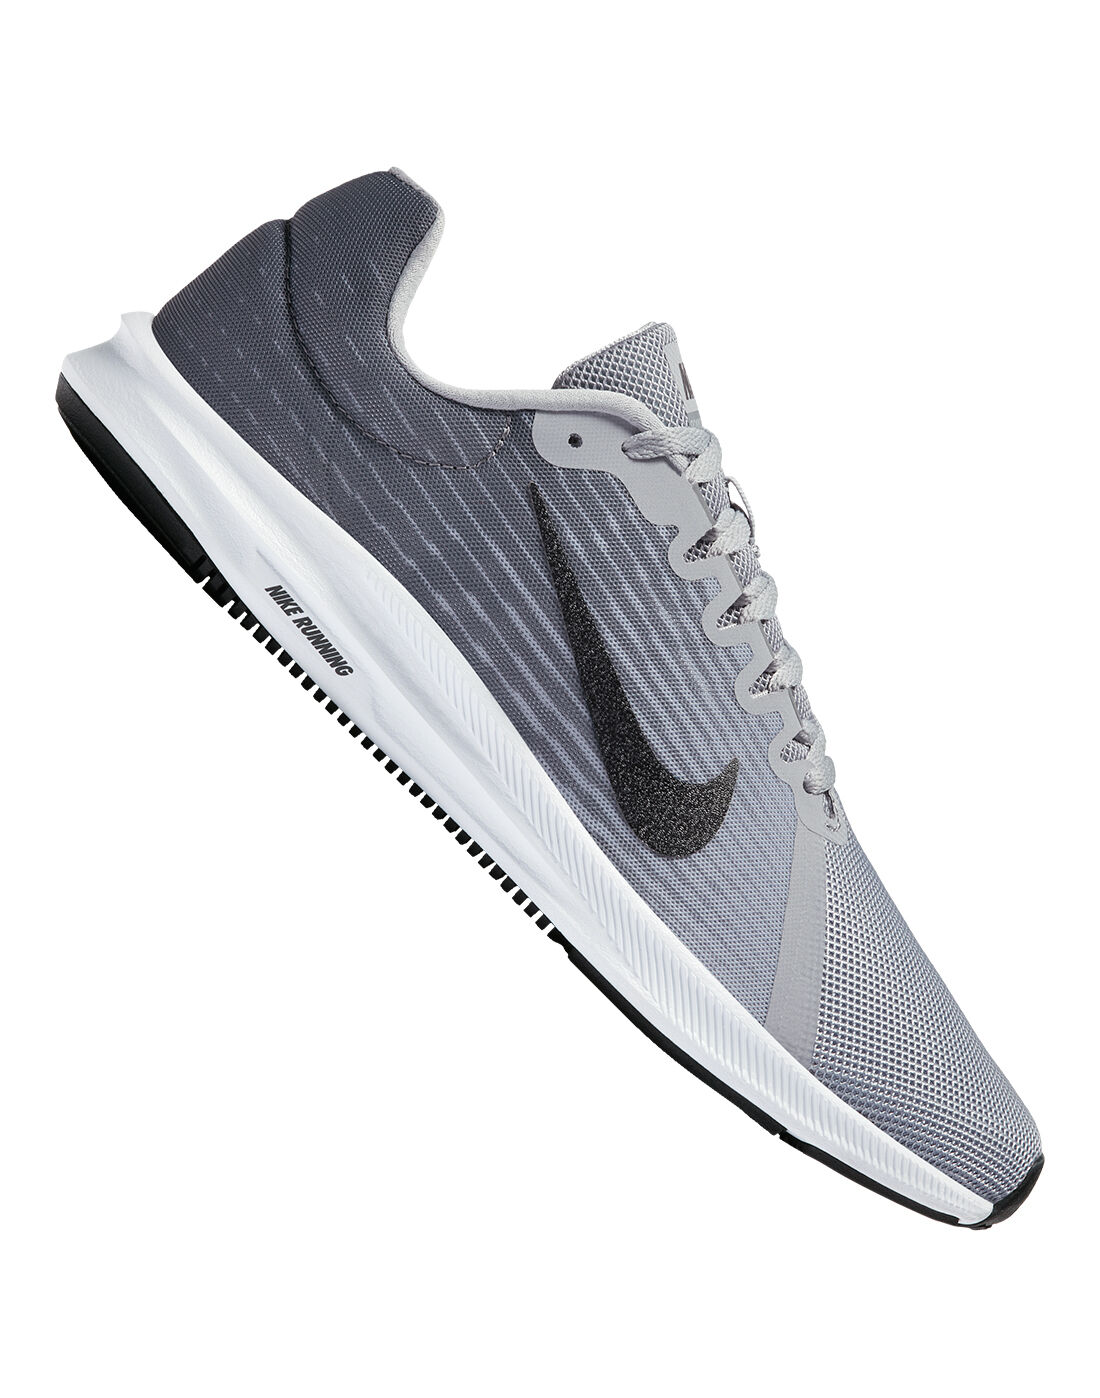 Nike Mens Downshifter 8 - Grey | Life